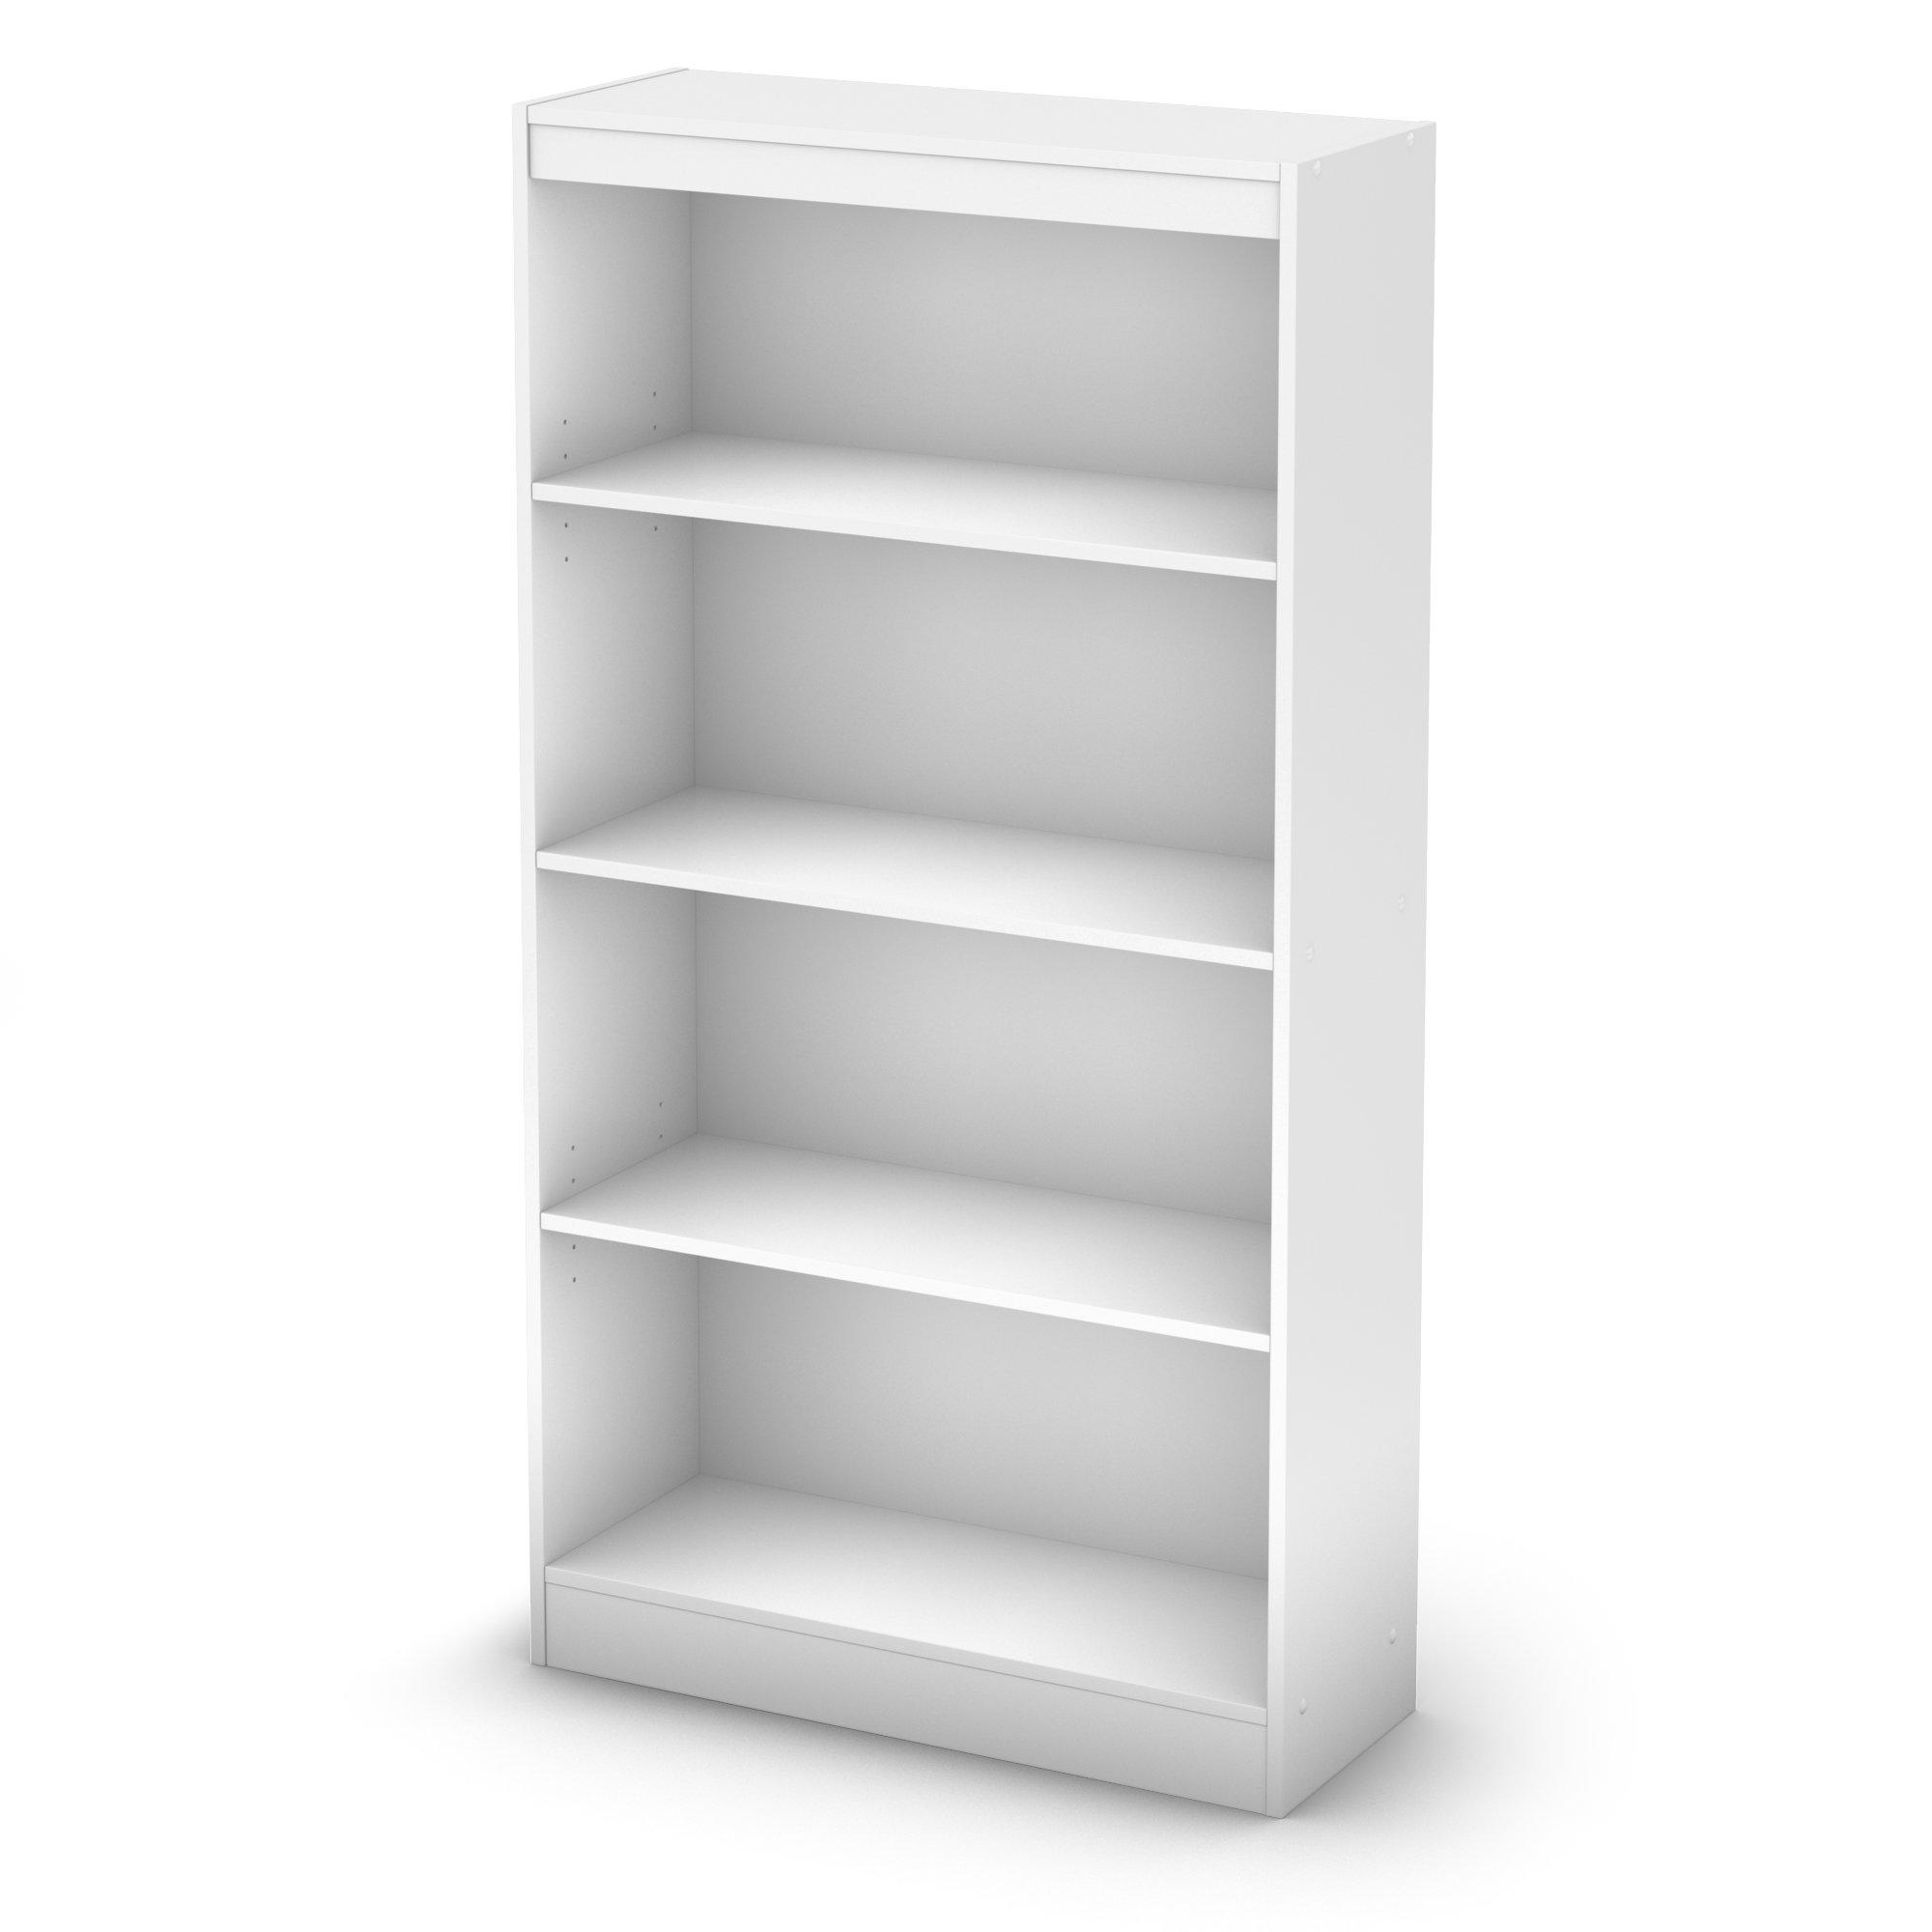 South Shore 4-Shelf Storage Bookcase, Pure White